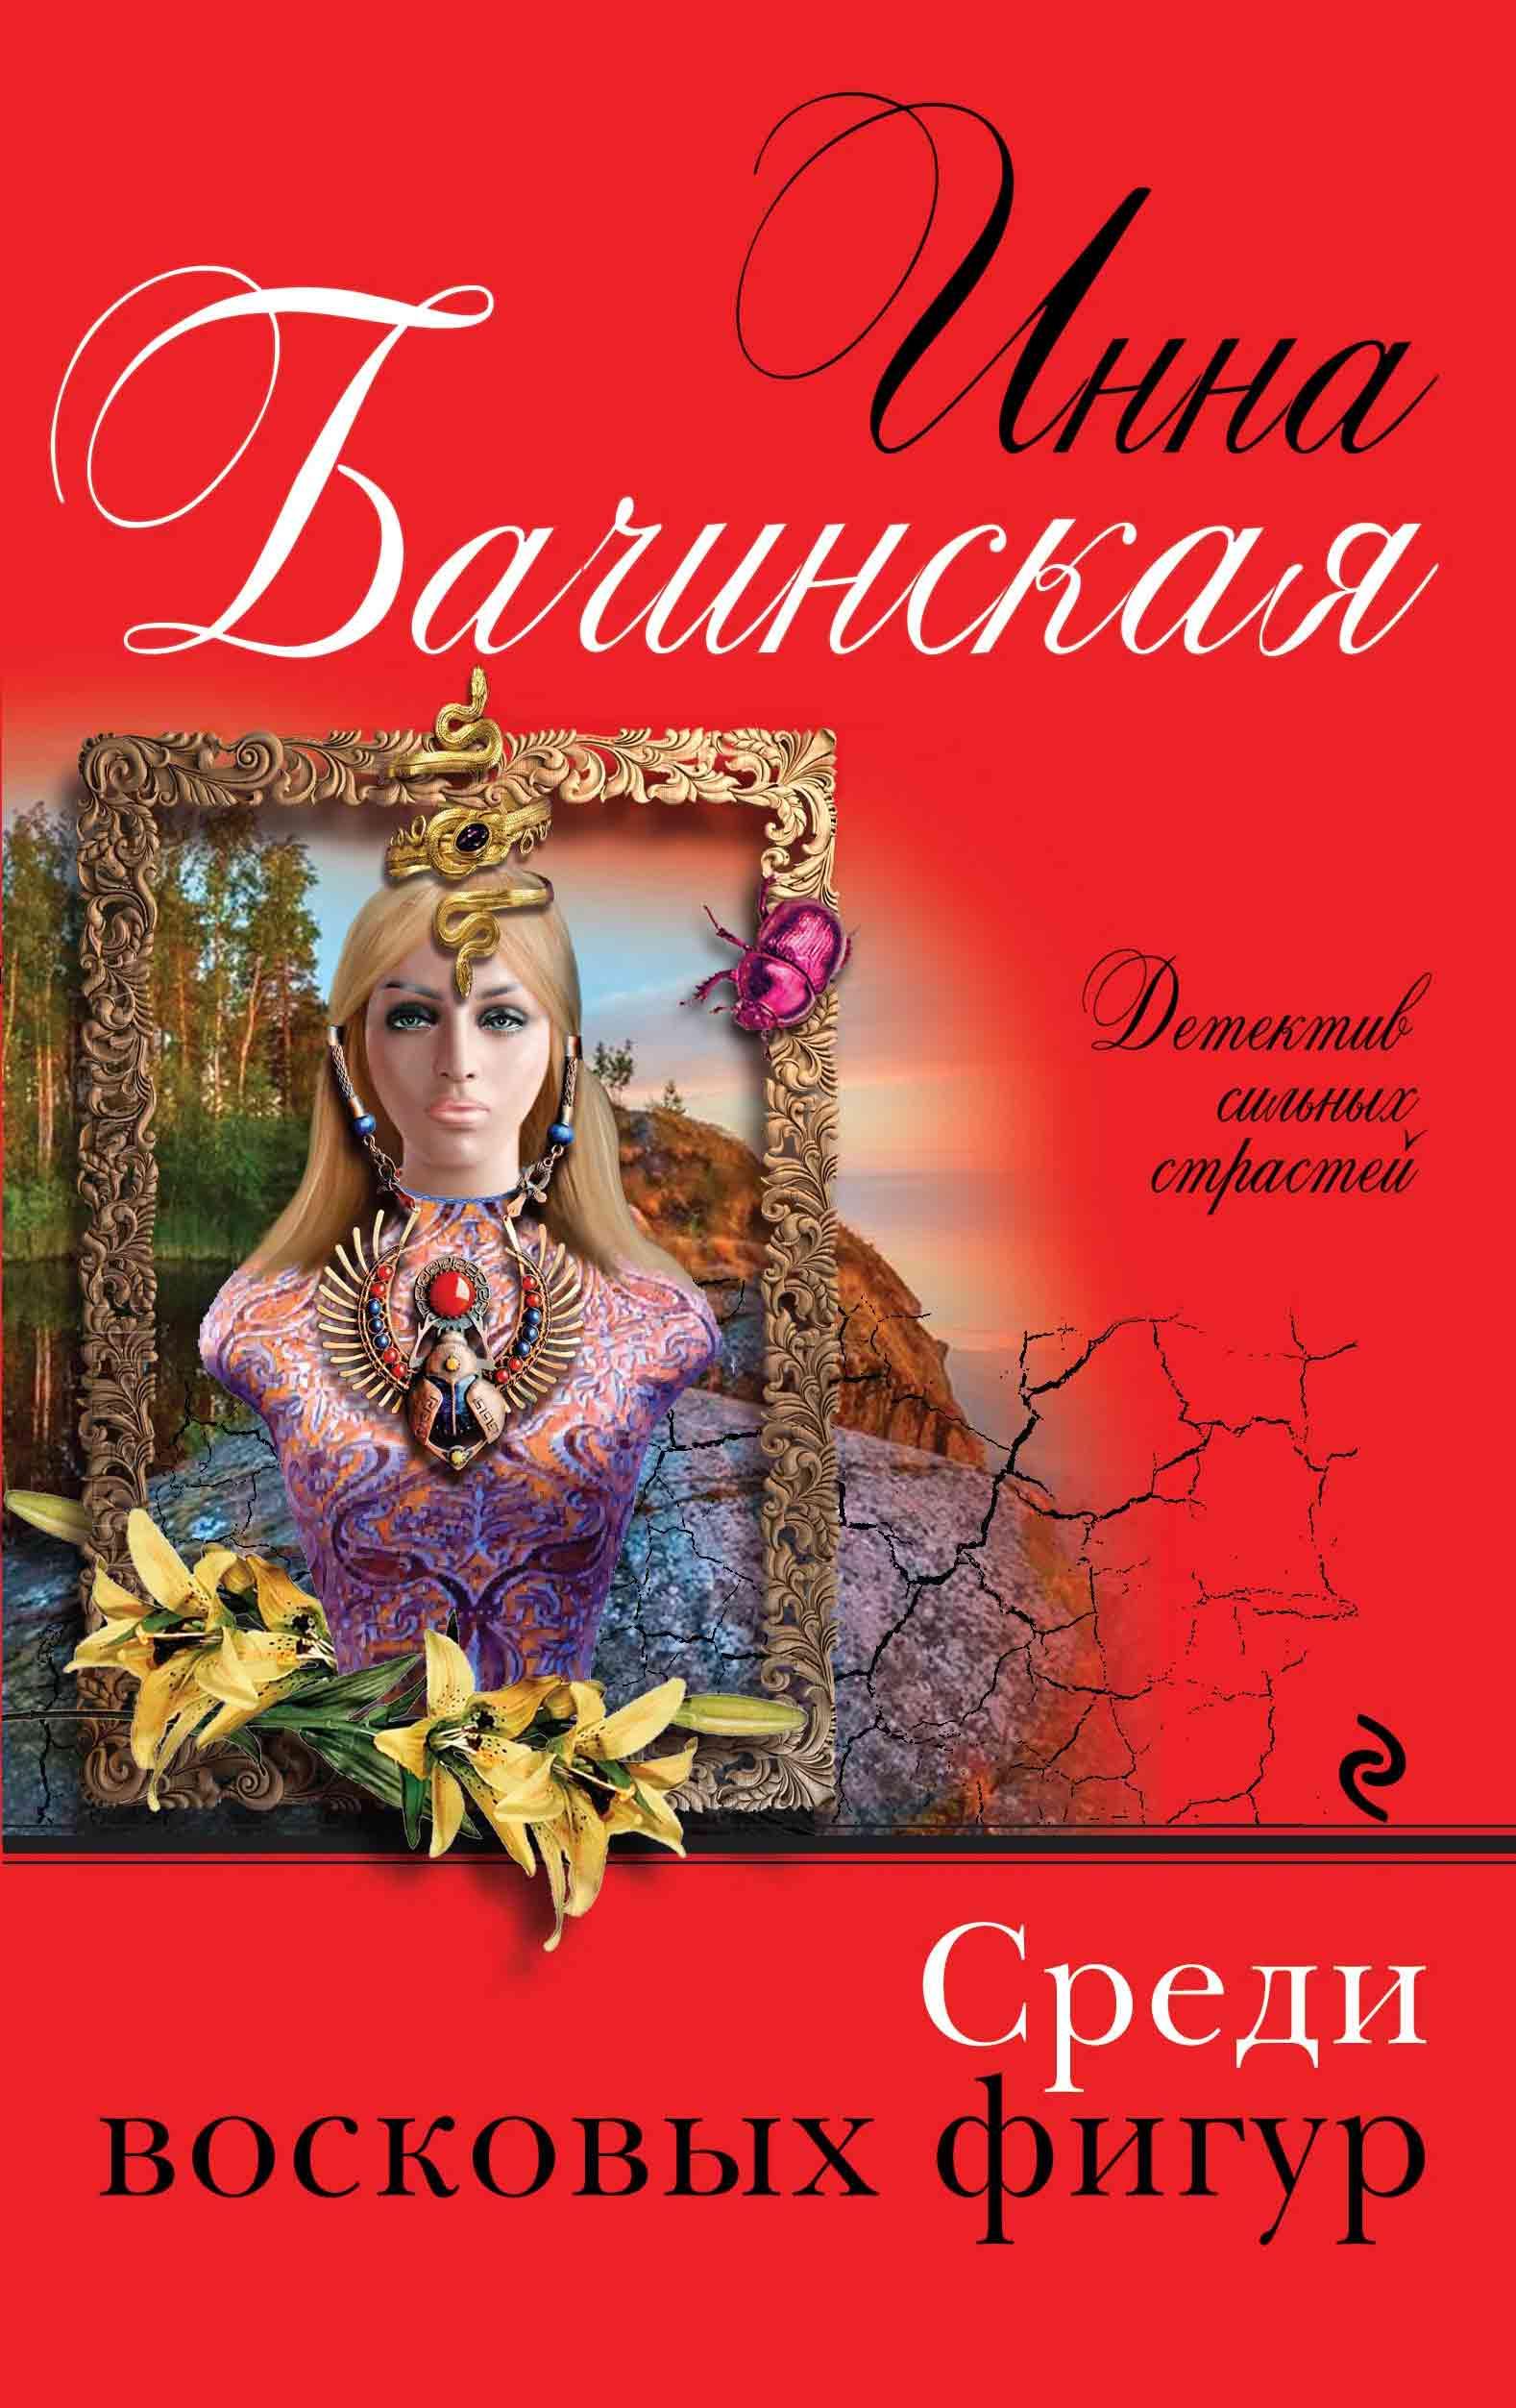 Купить книгу Среди восковых фигур, автора Инны Бачинской